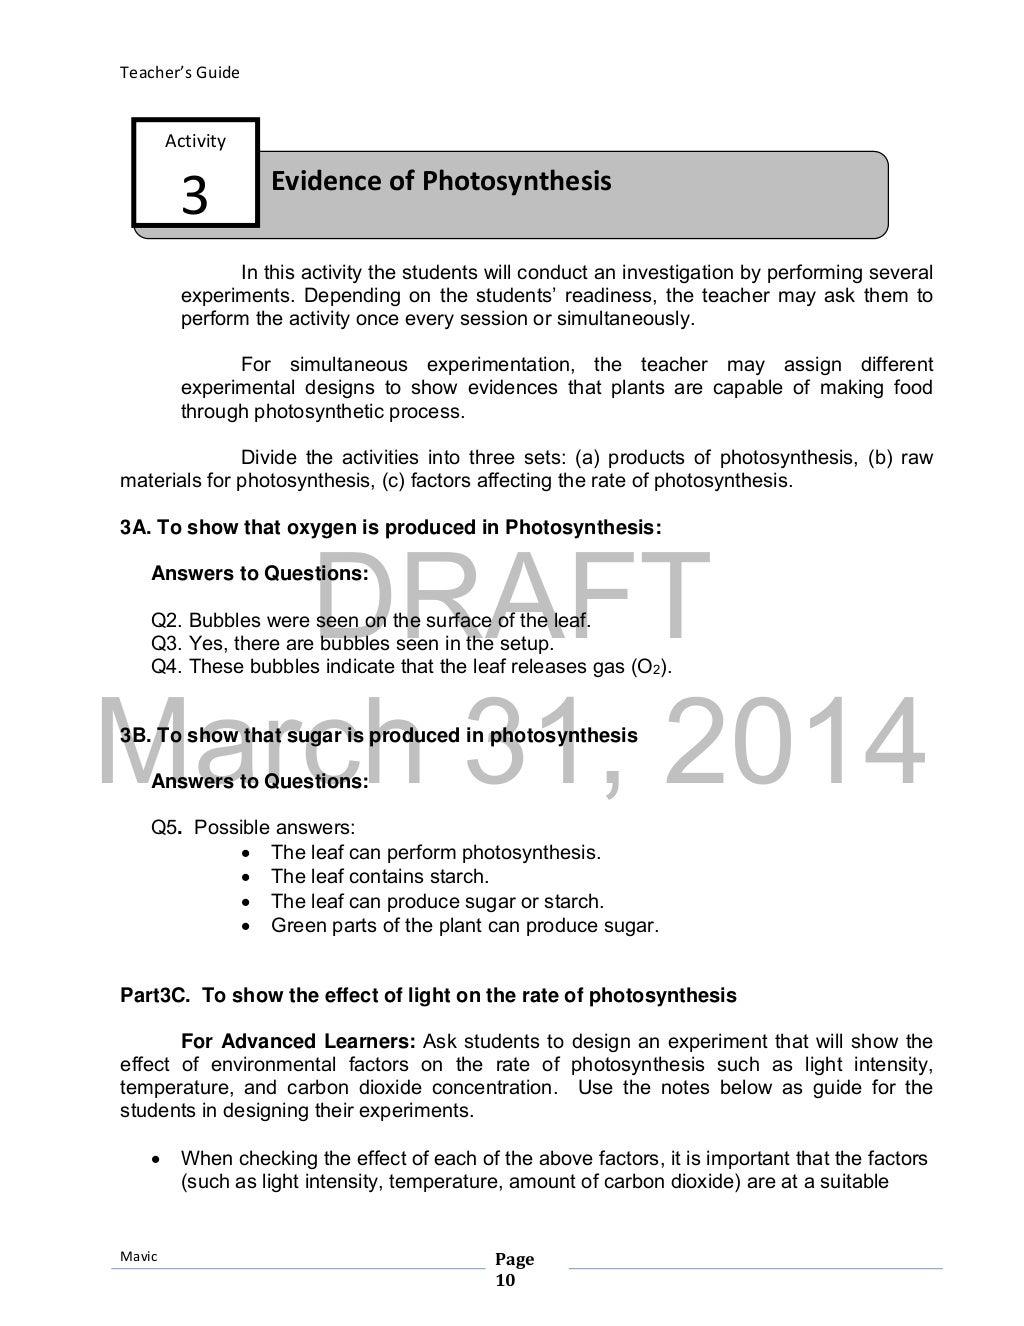 Sci 9 tg draft 3.31.2014